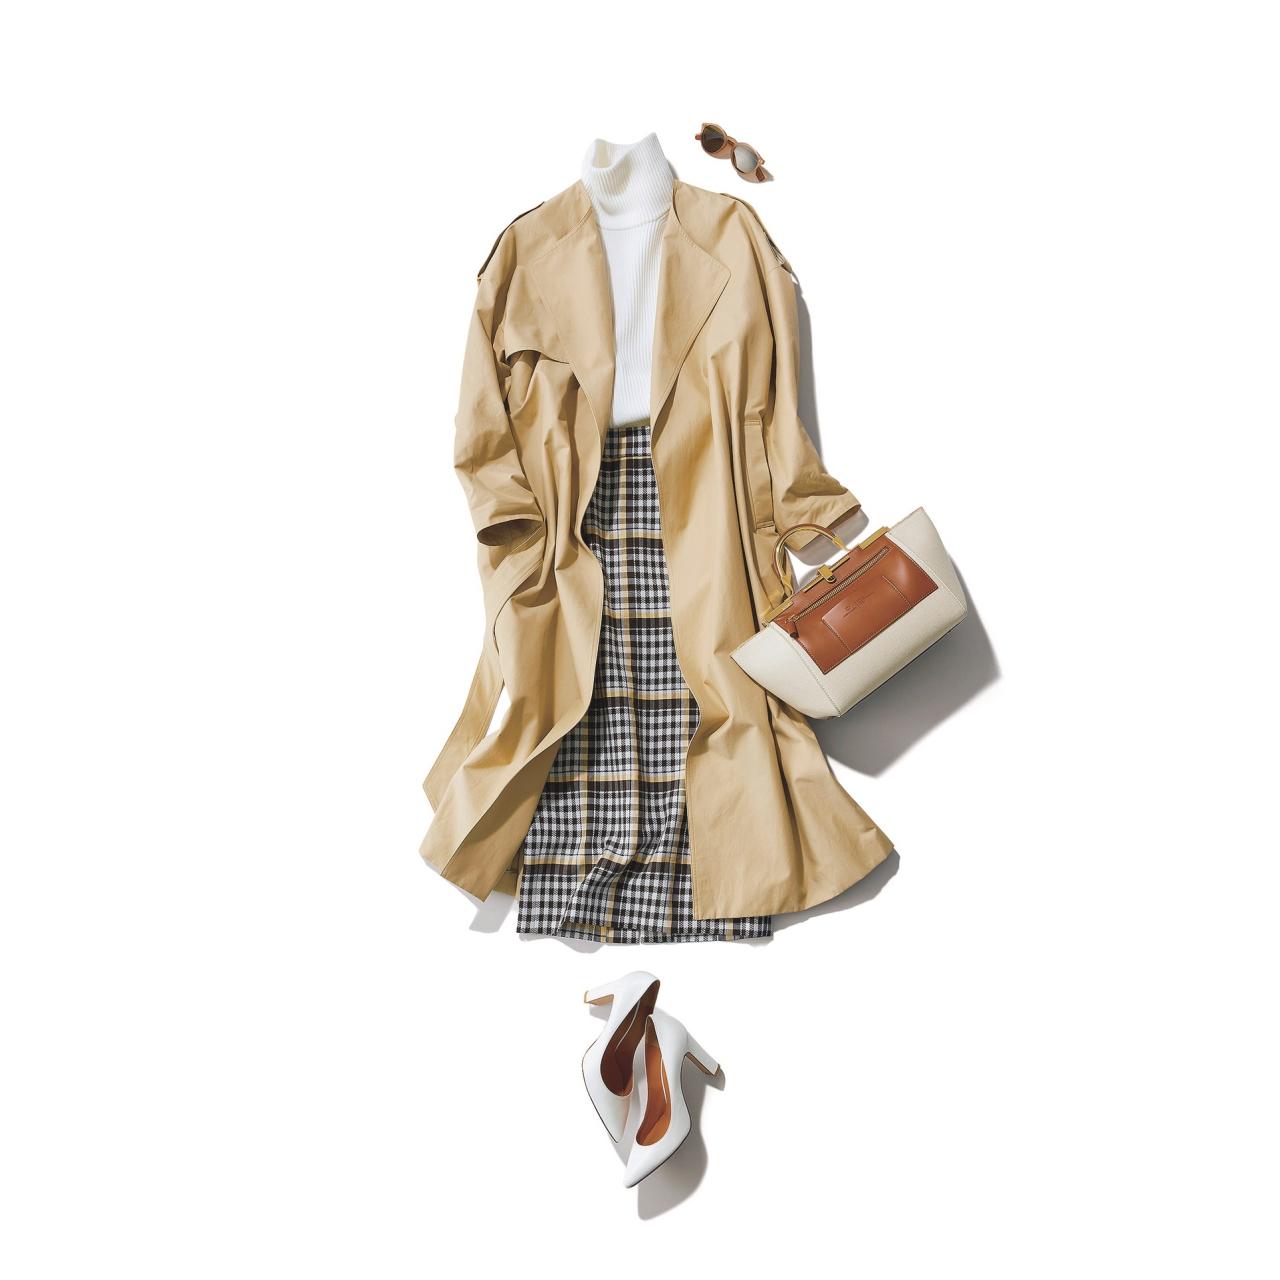 ベージュのトレンチコート×白ニット&チェック柄スカートのファッションコーデ